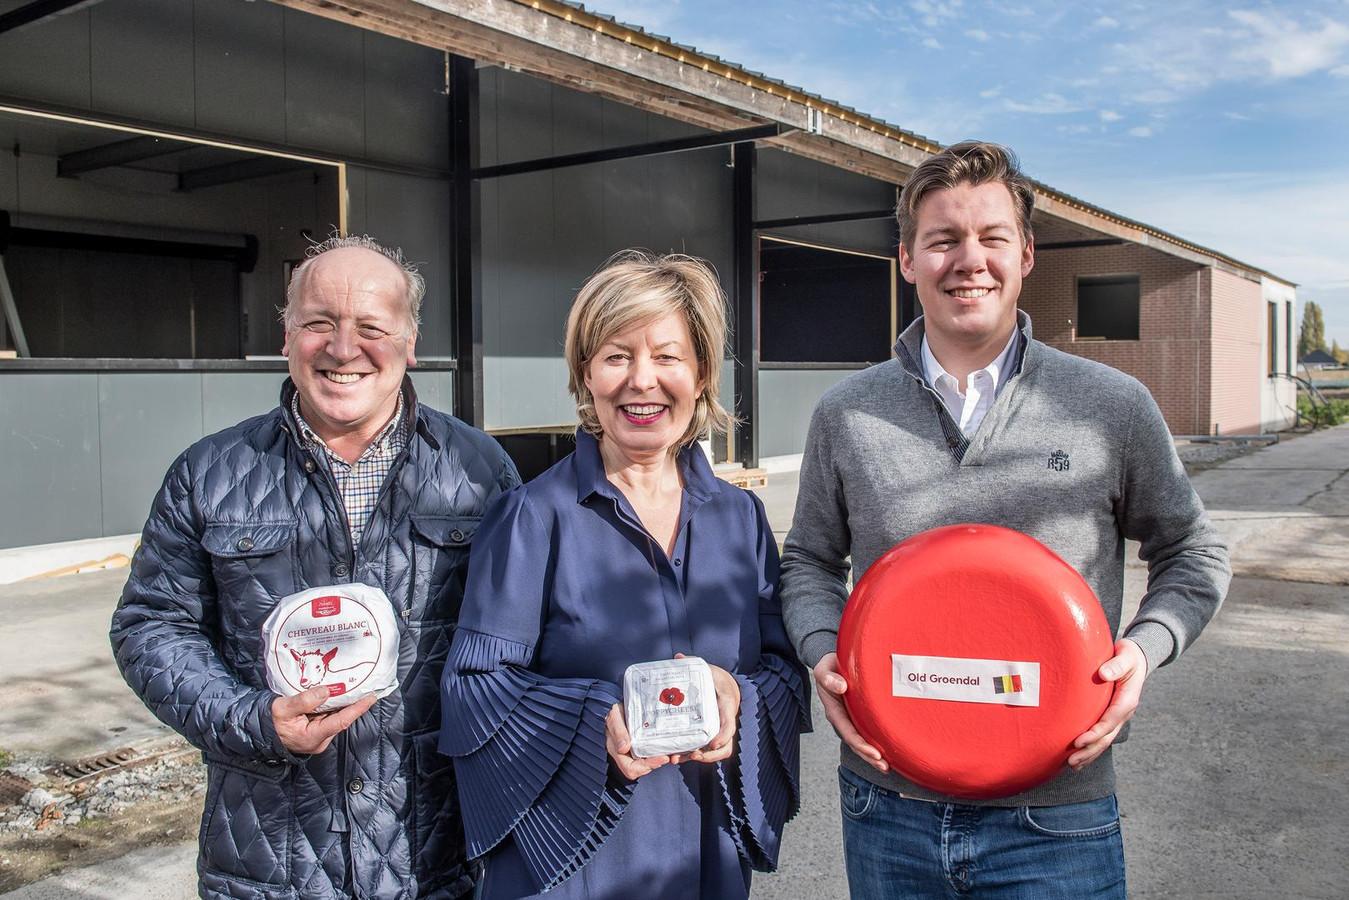 Johan Deweer, Dominique Steyaert en Louis-Philippe Deweer van 't Groendal voor de nieuwbouw.